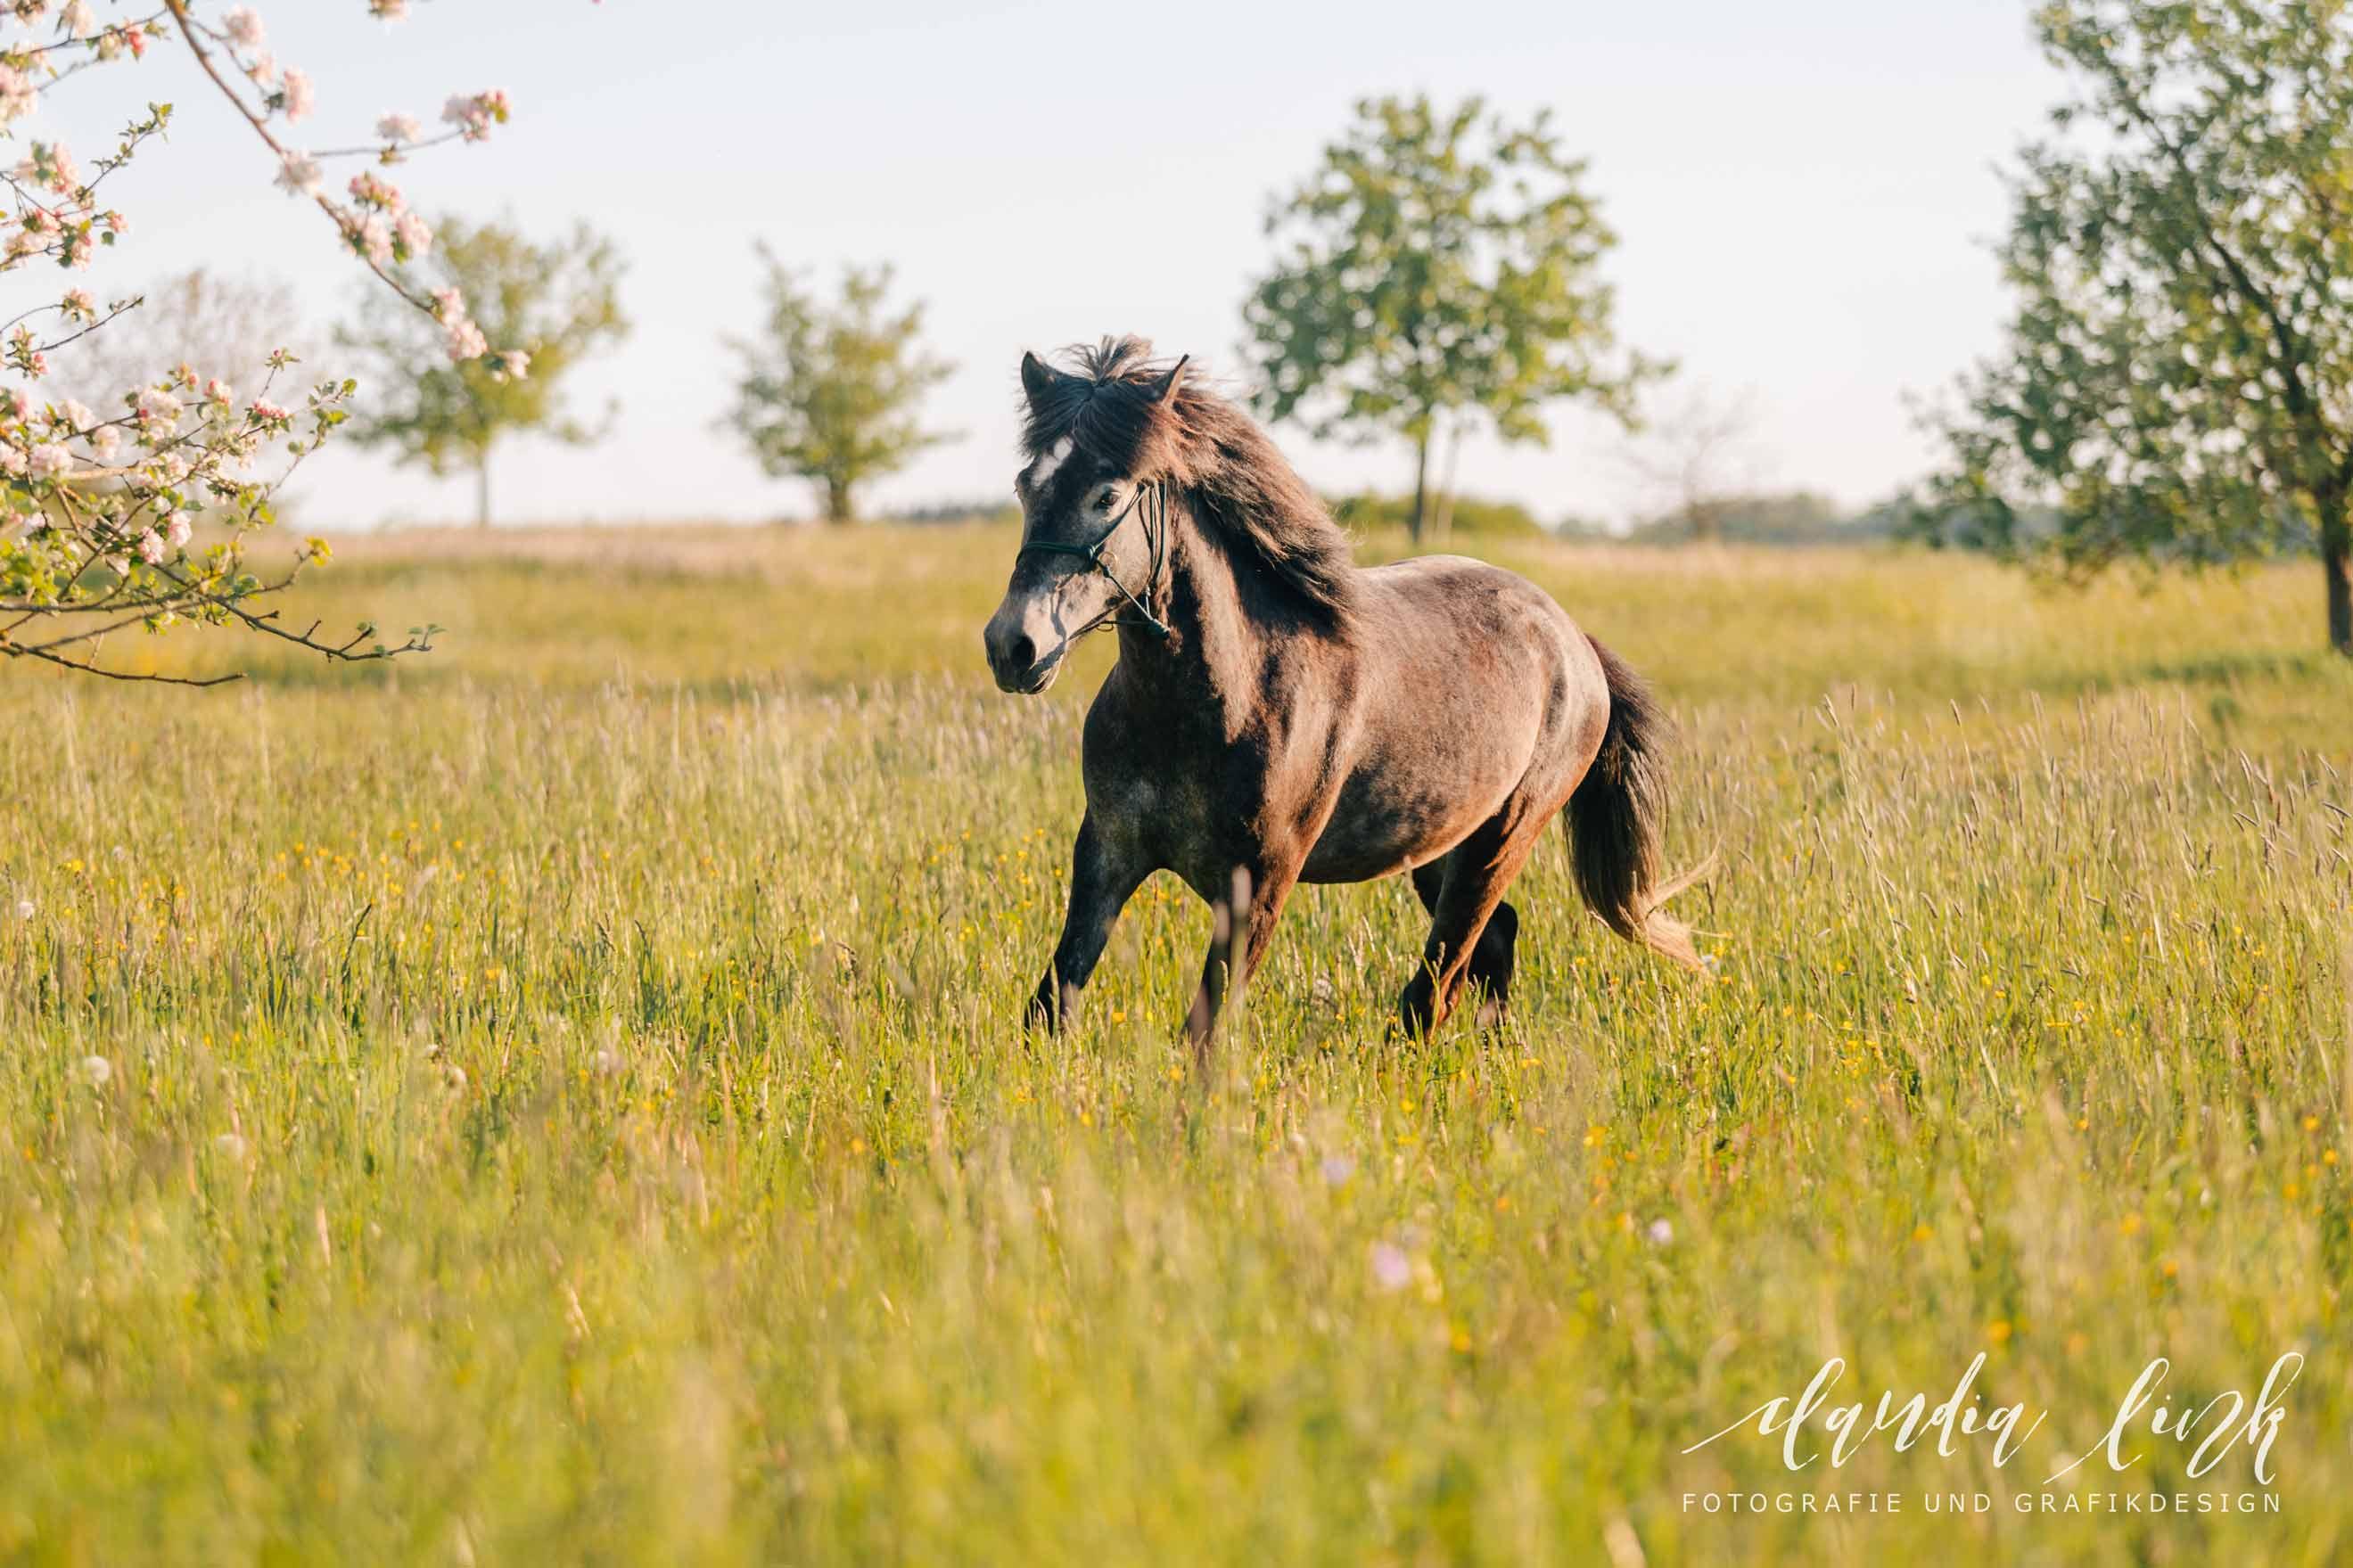 Sommerliches Pferdeshooting bei Sonnenuntergang IMG 8446w